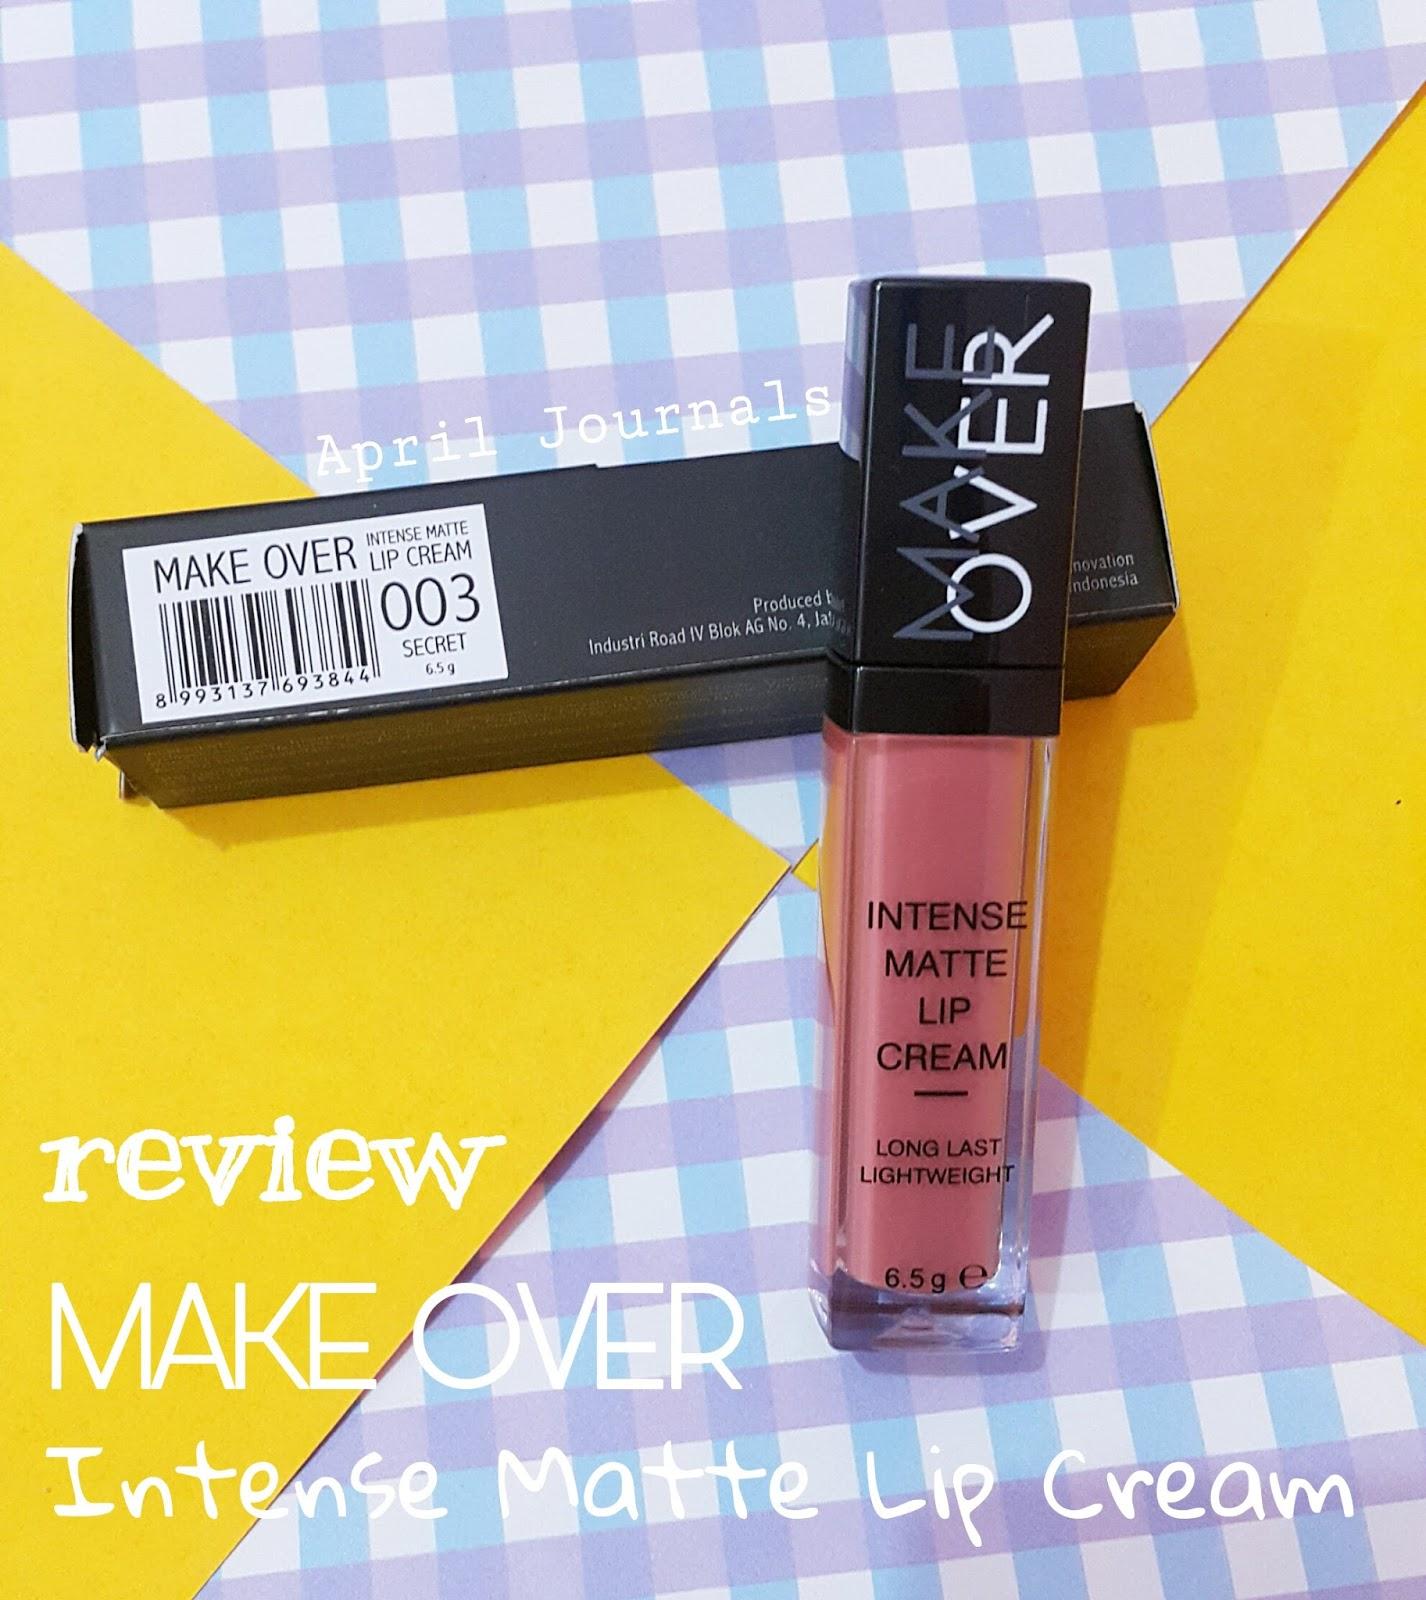 Make Over Intense Matte Lip Cream 03 Secret Lihat Daftar Harga Lipcream And Finally Mengeluarkan Nya Yang Pertama Yaitu